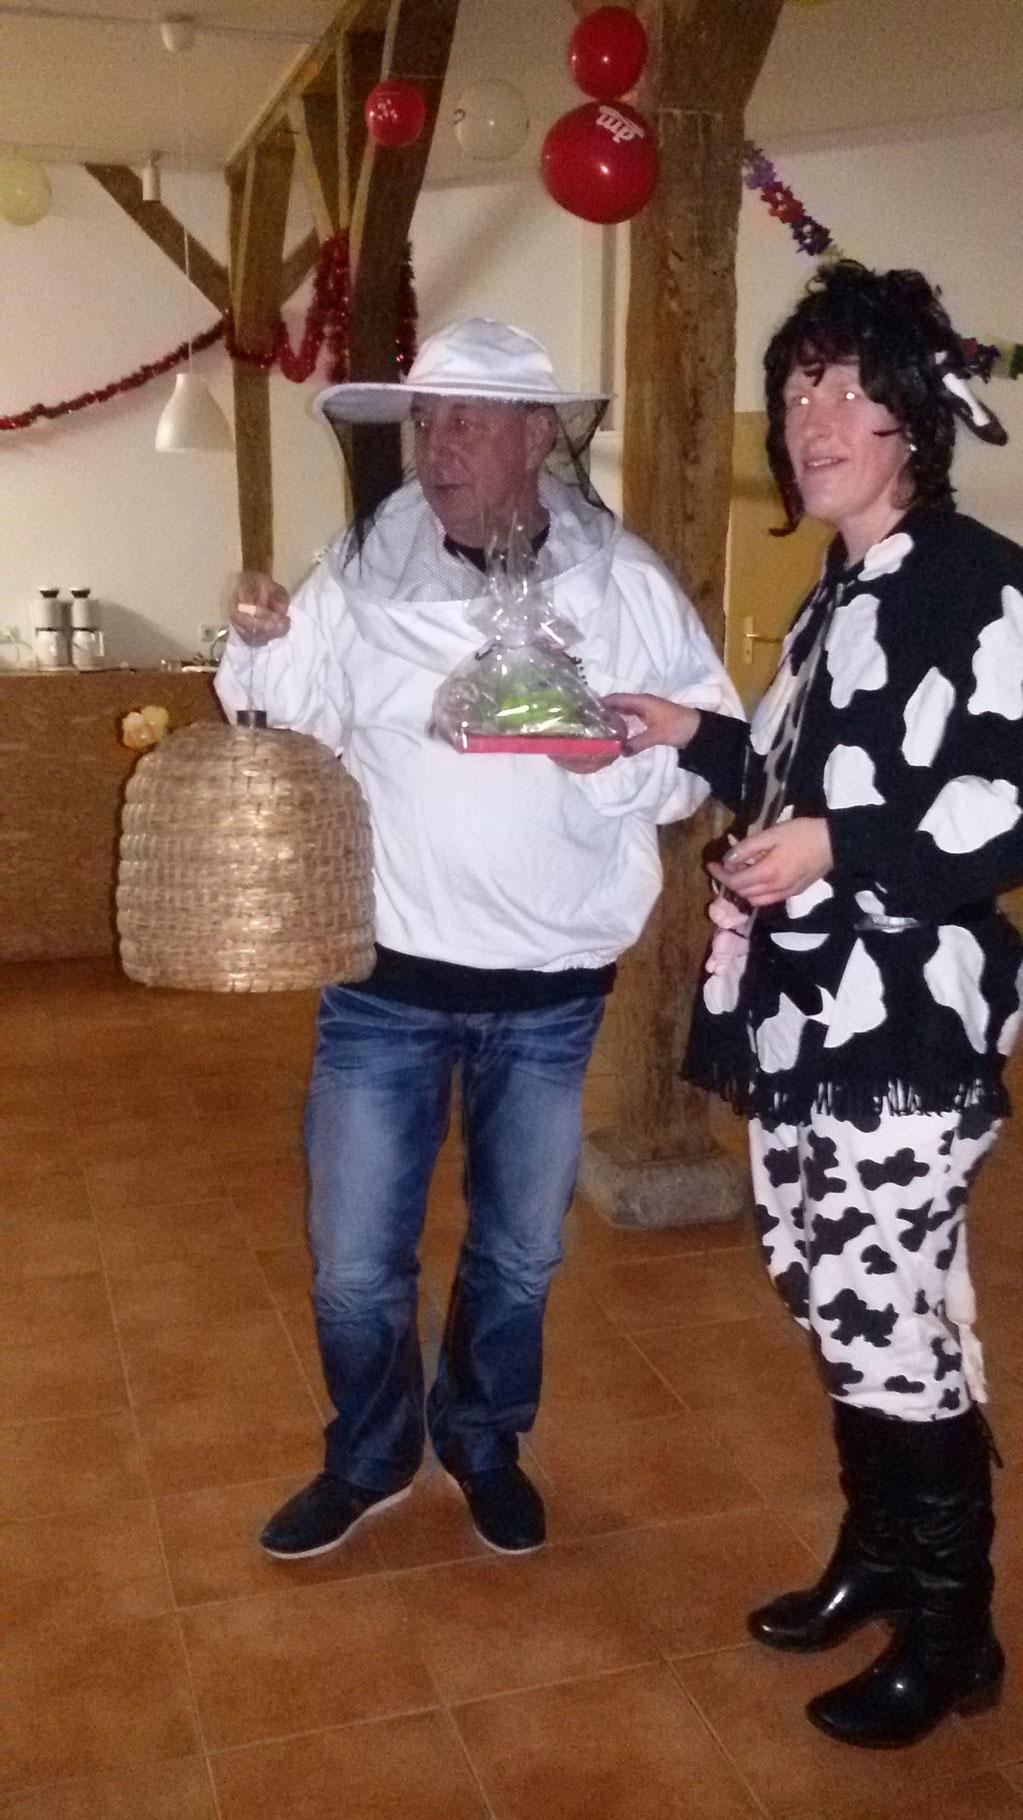 Imker und gescheckte Kuh